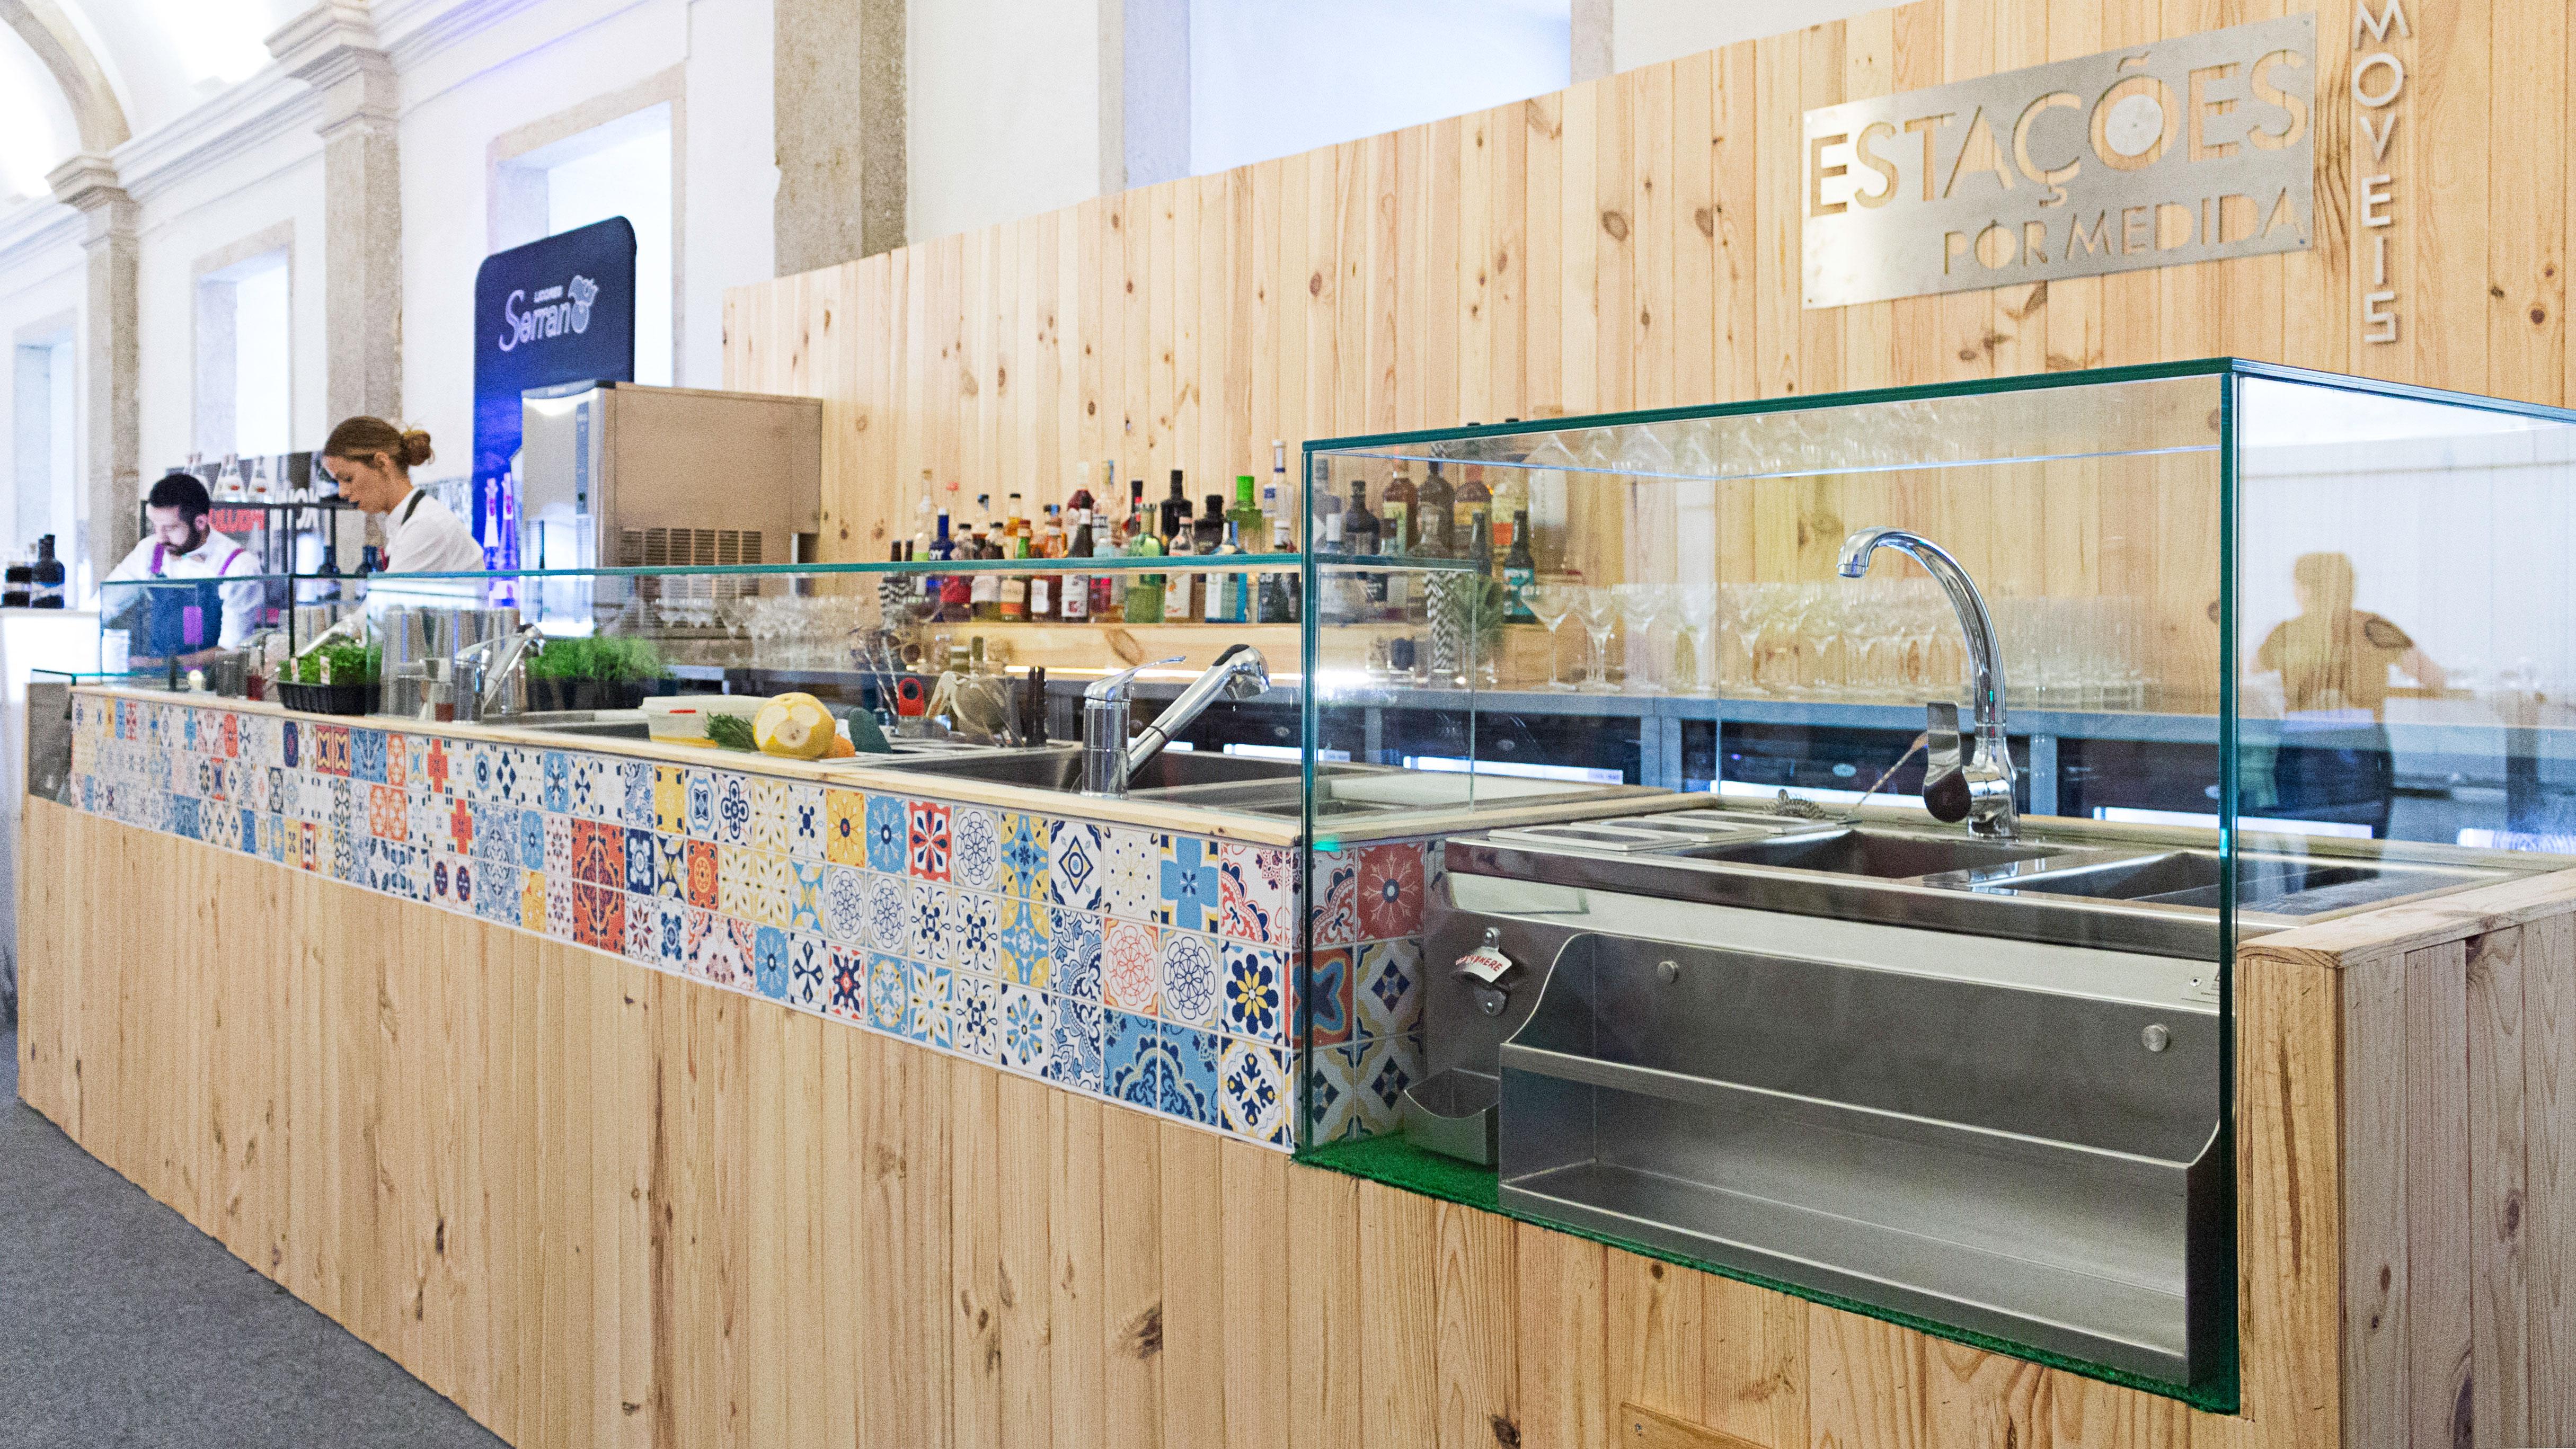 Estação-de-bar-Lisbon-Bar-Show-1